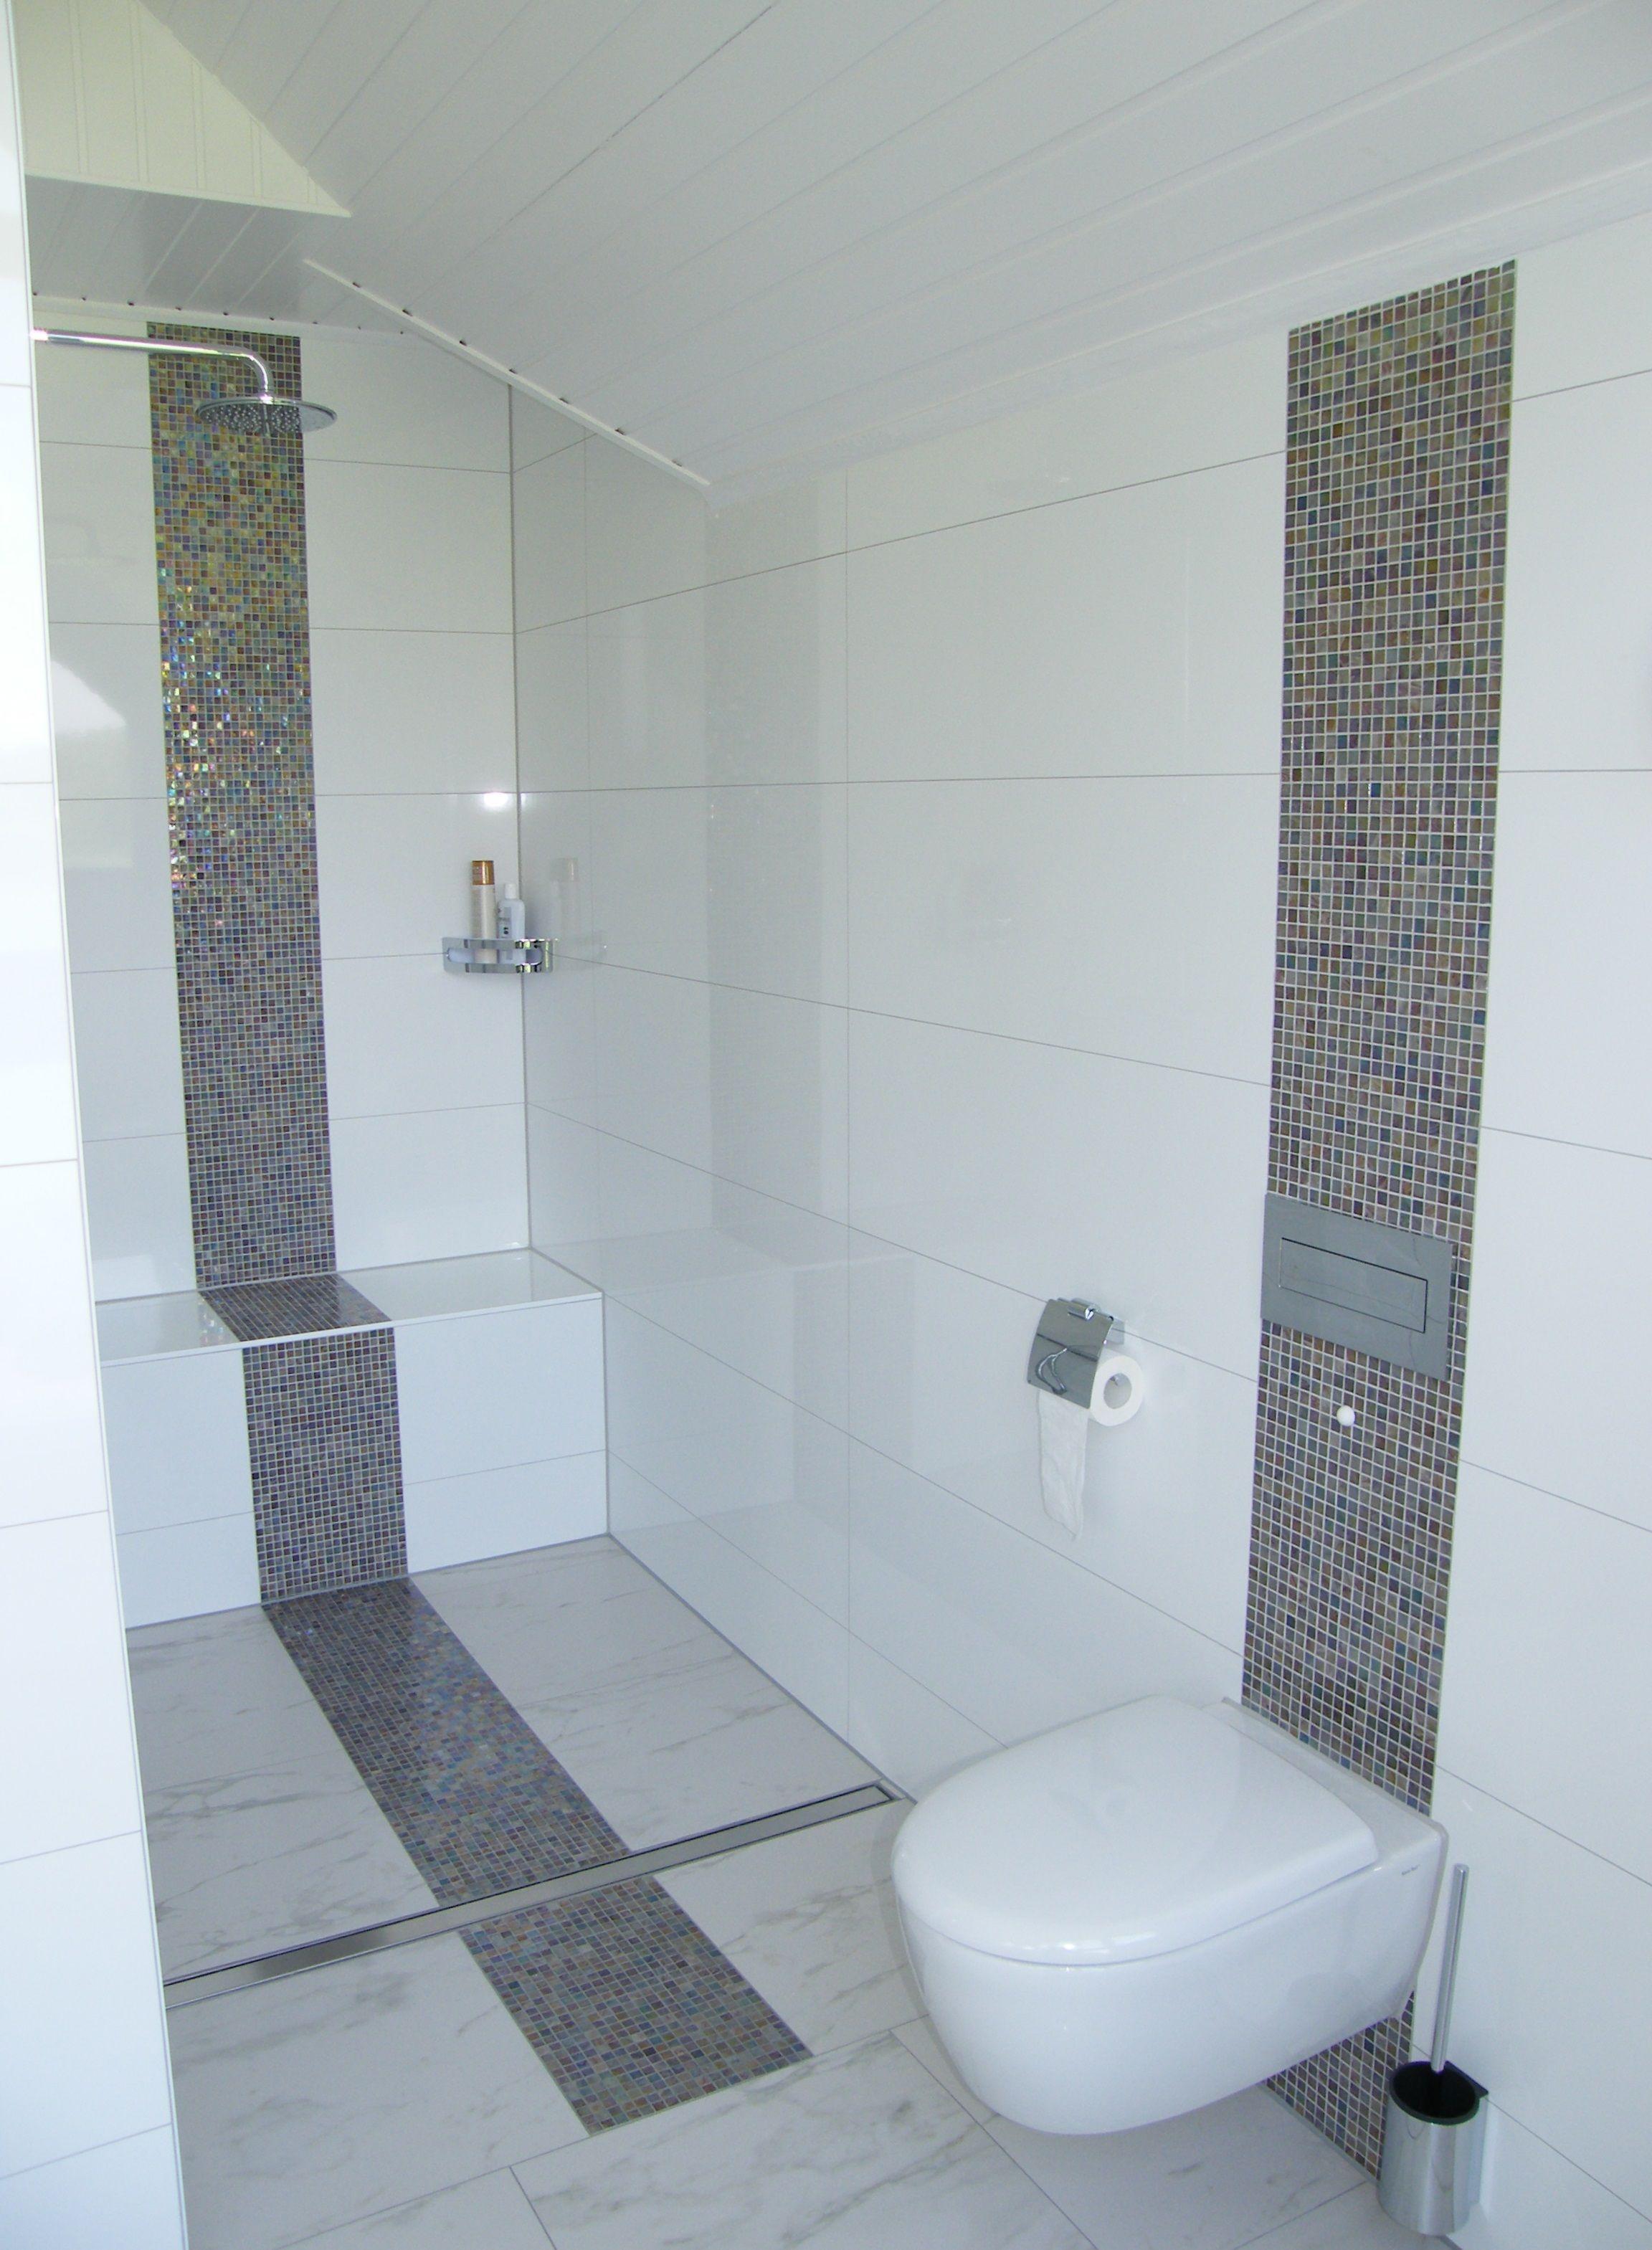 Ebenerdige Dusche Im Familienbad Badezimmer Ebenerdige Dusche Familienbad